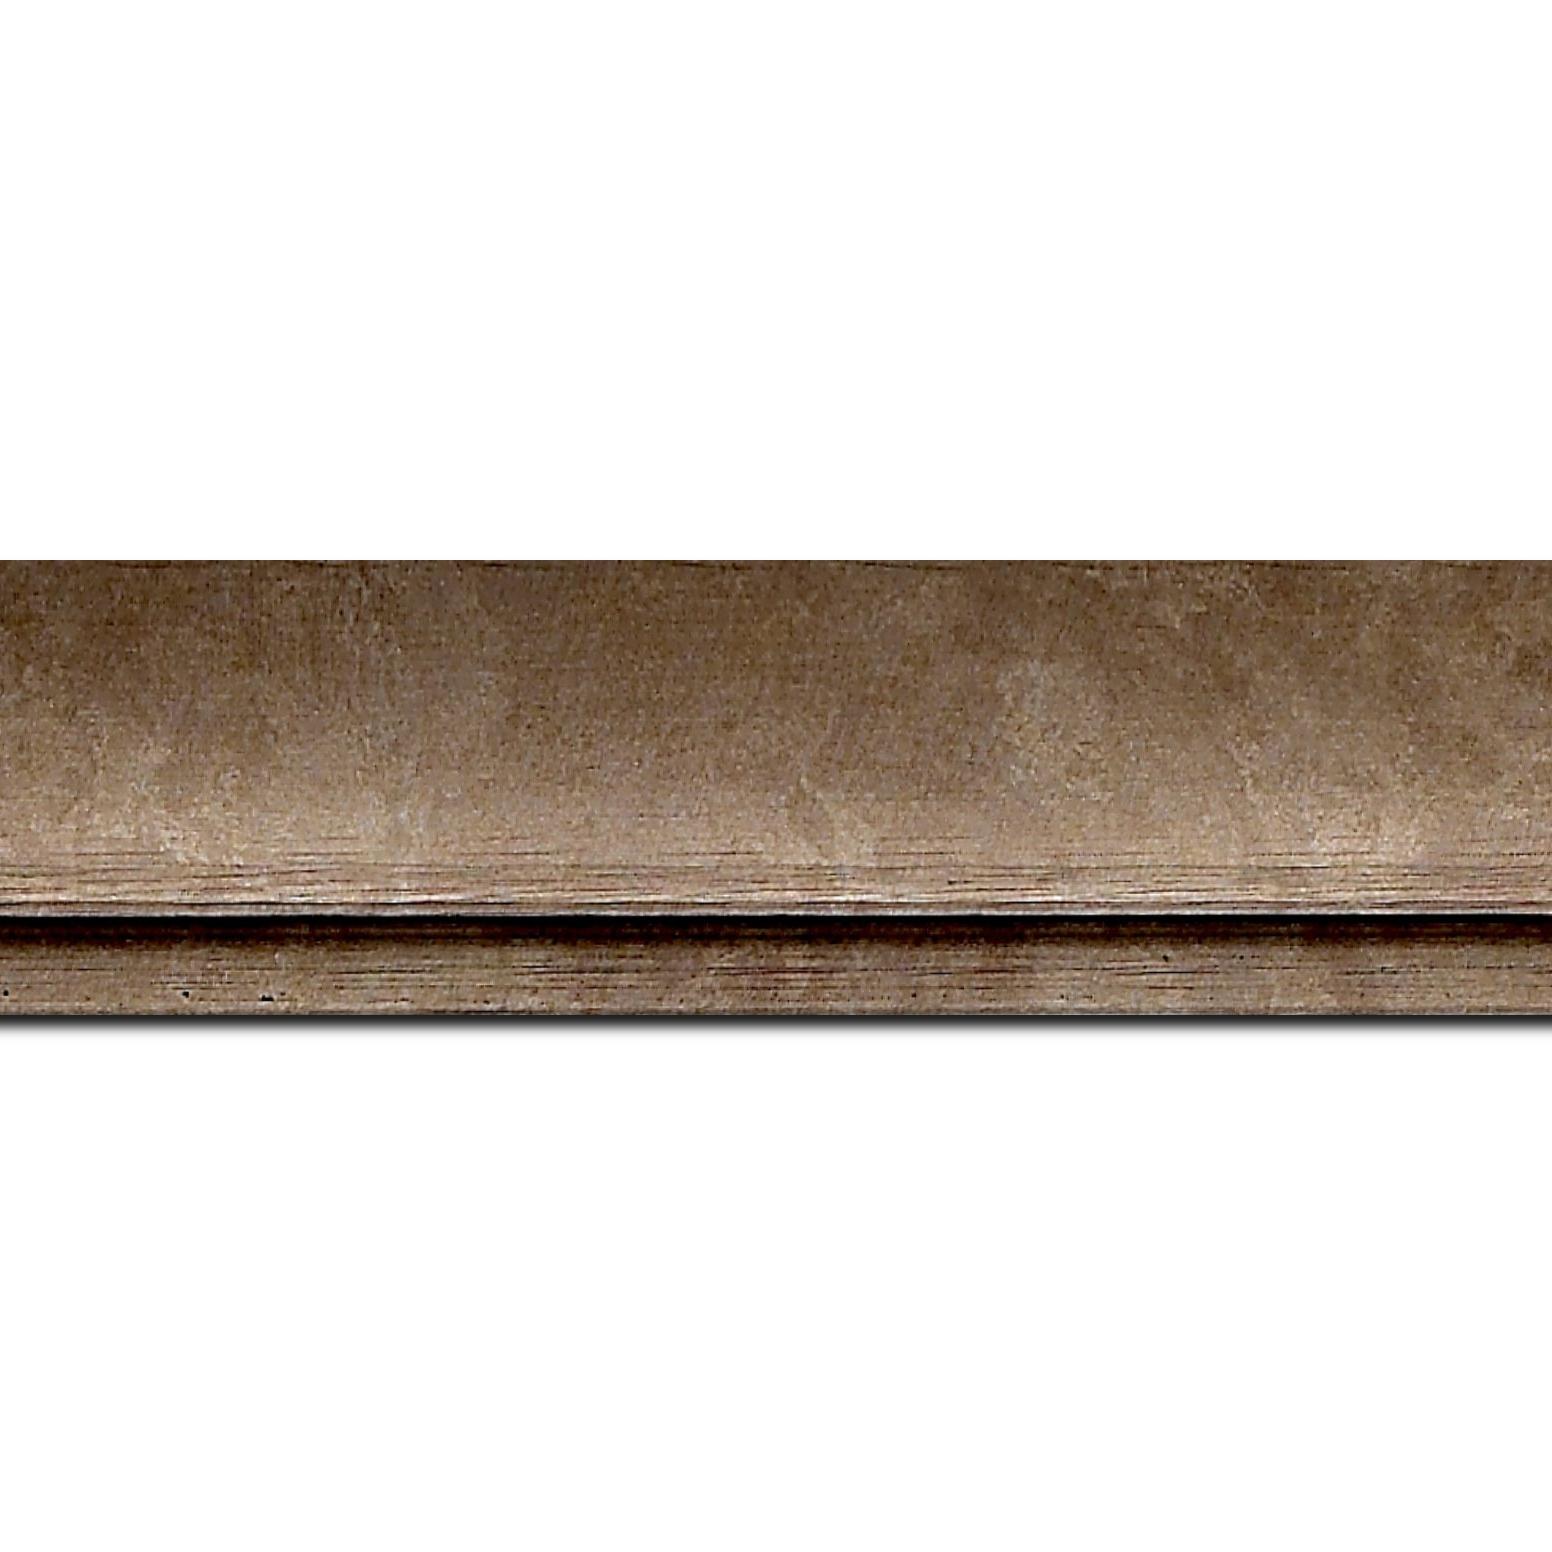 Baguette longueur 1.40m bois profil incurvé largeur 4.2cm couleur cuivre effet givré